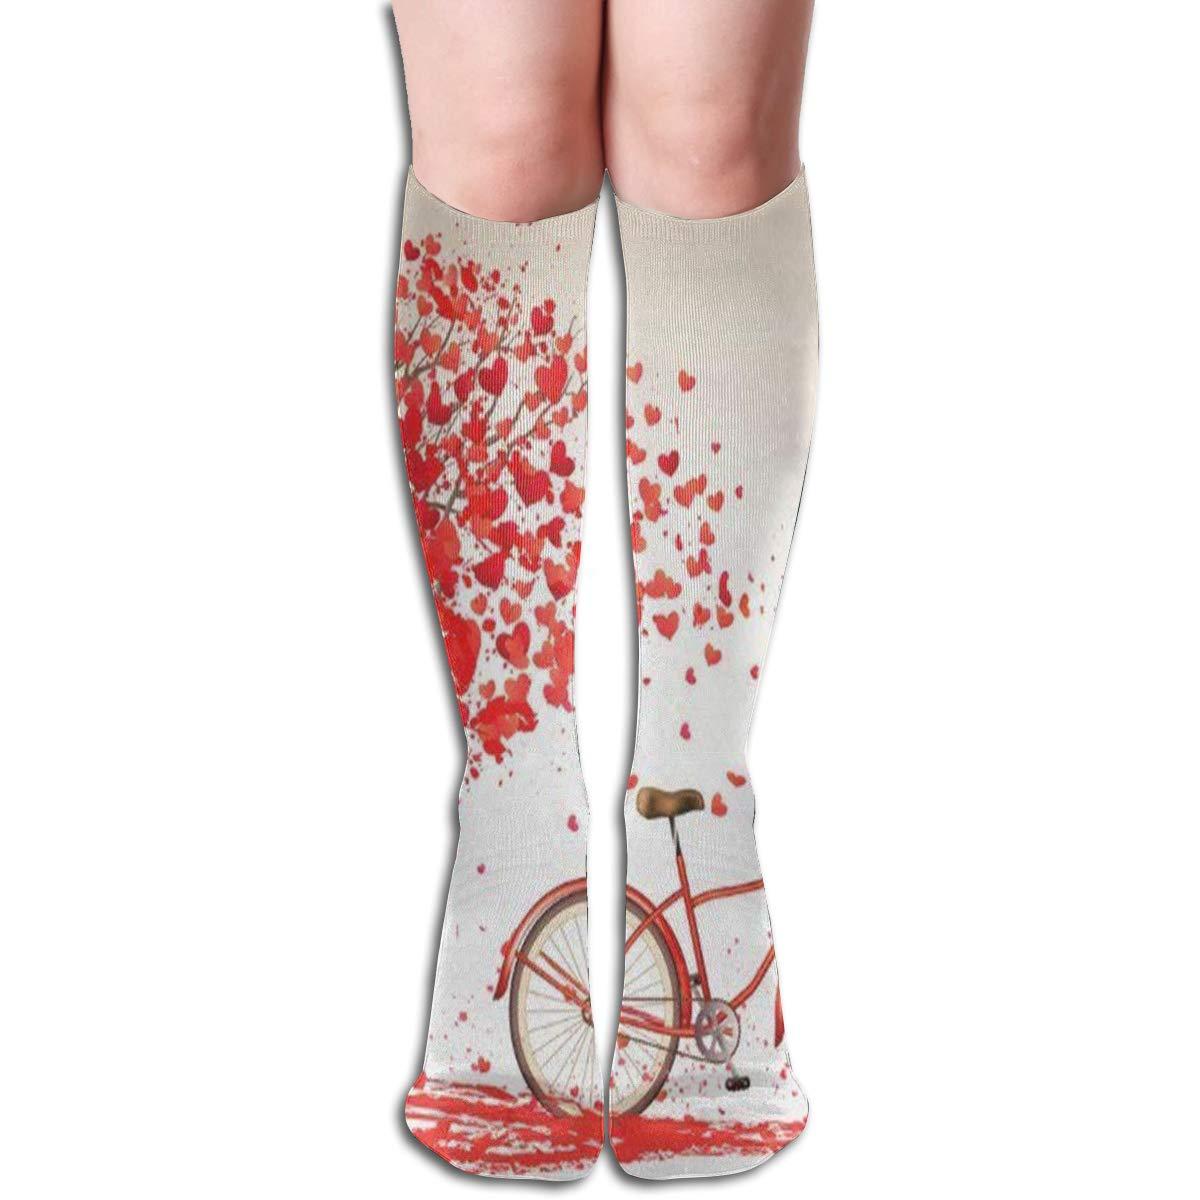 Girls Socks Mid-Calf Kitten With Love Winter Marvellous For Decor